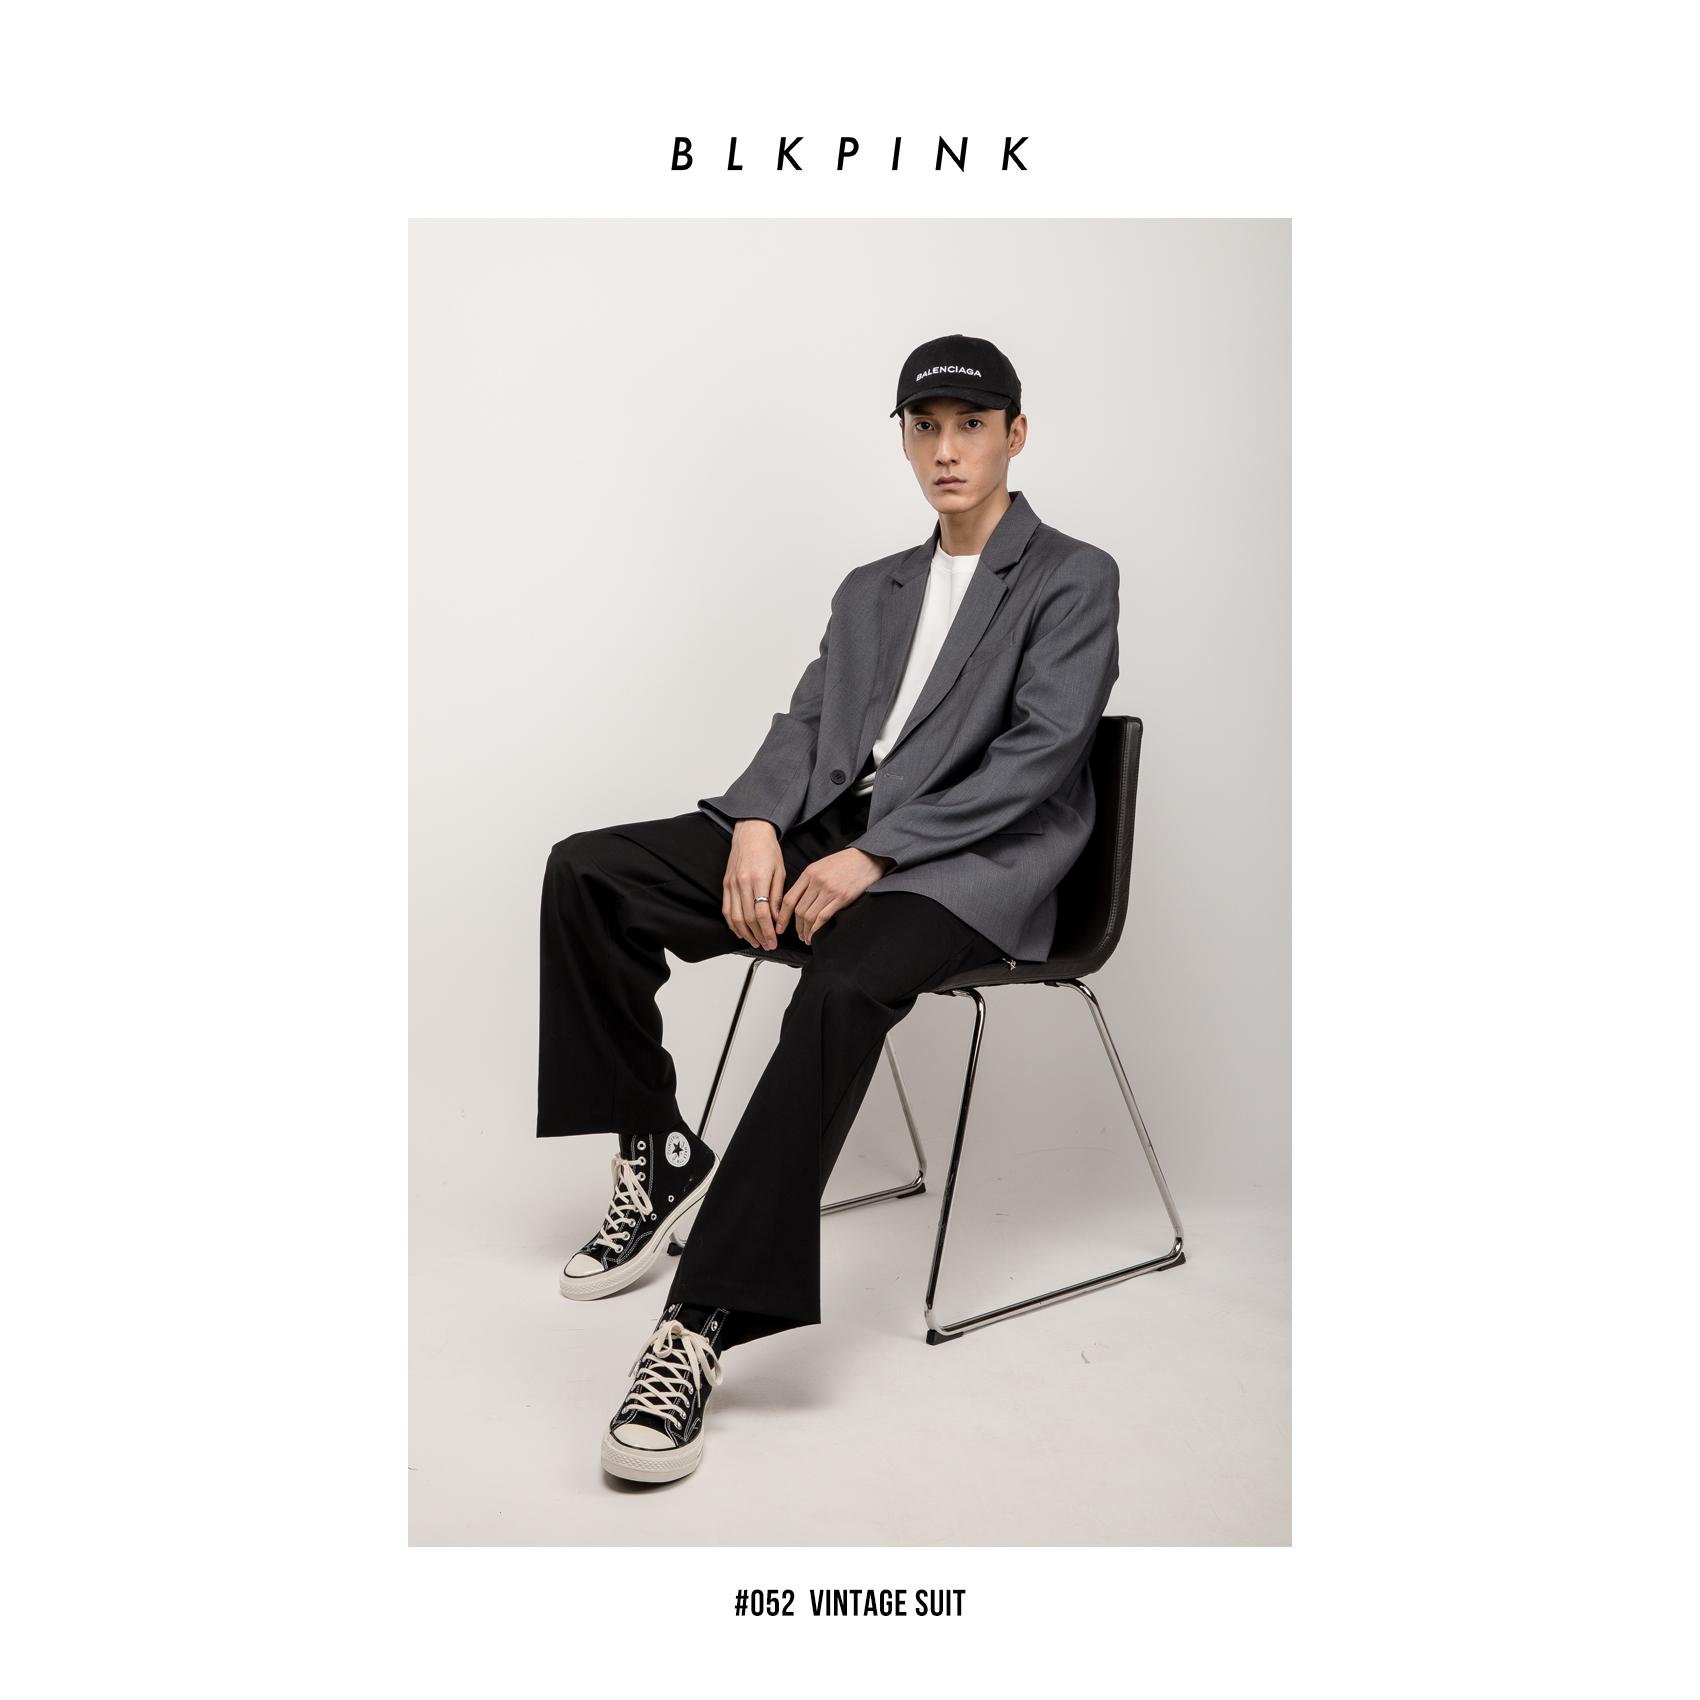 BLKPINK # 052 Áo khoác mới hợp thời trang giản dị lỏng lẻo retro VINTAGE SUIT - Áo khoác đôi